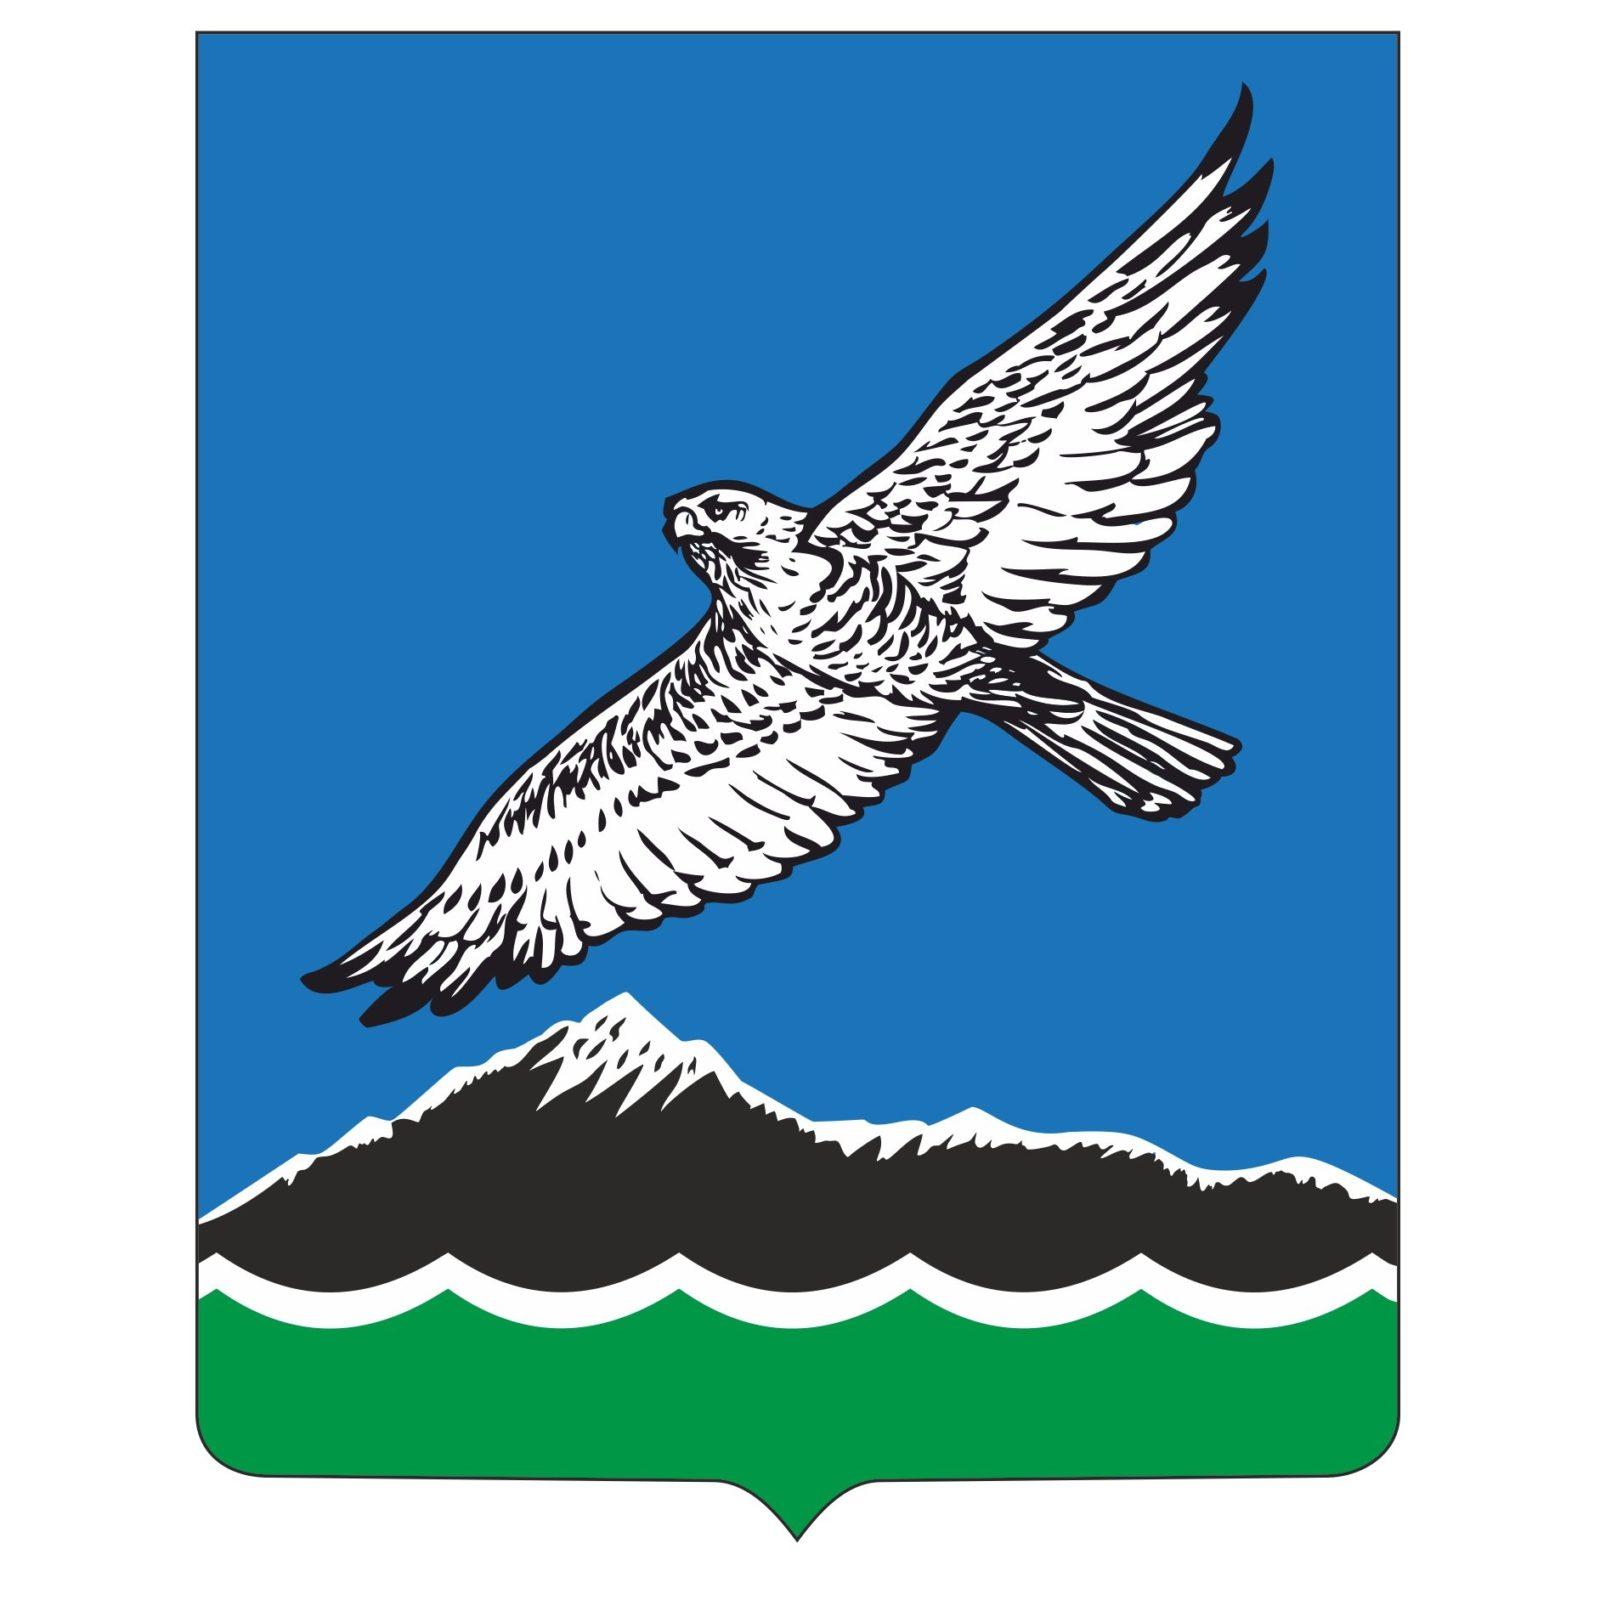 Герб Мильковского района Камчатского края внесен в Государственный геральдический регистр